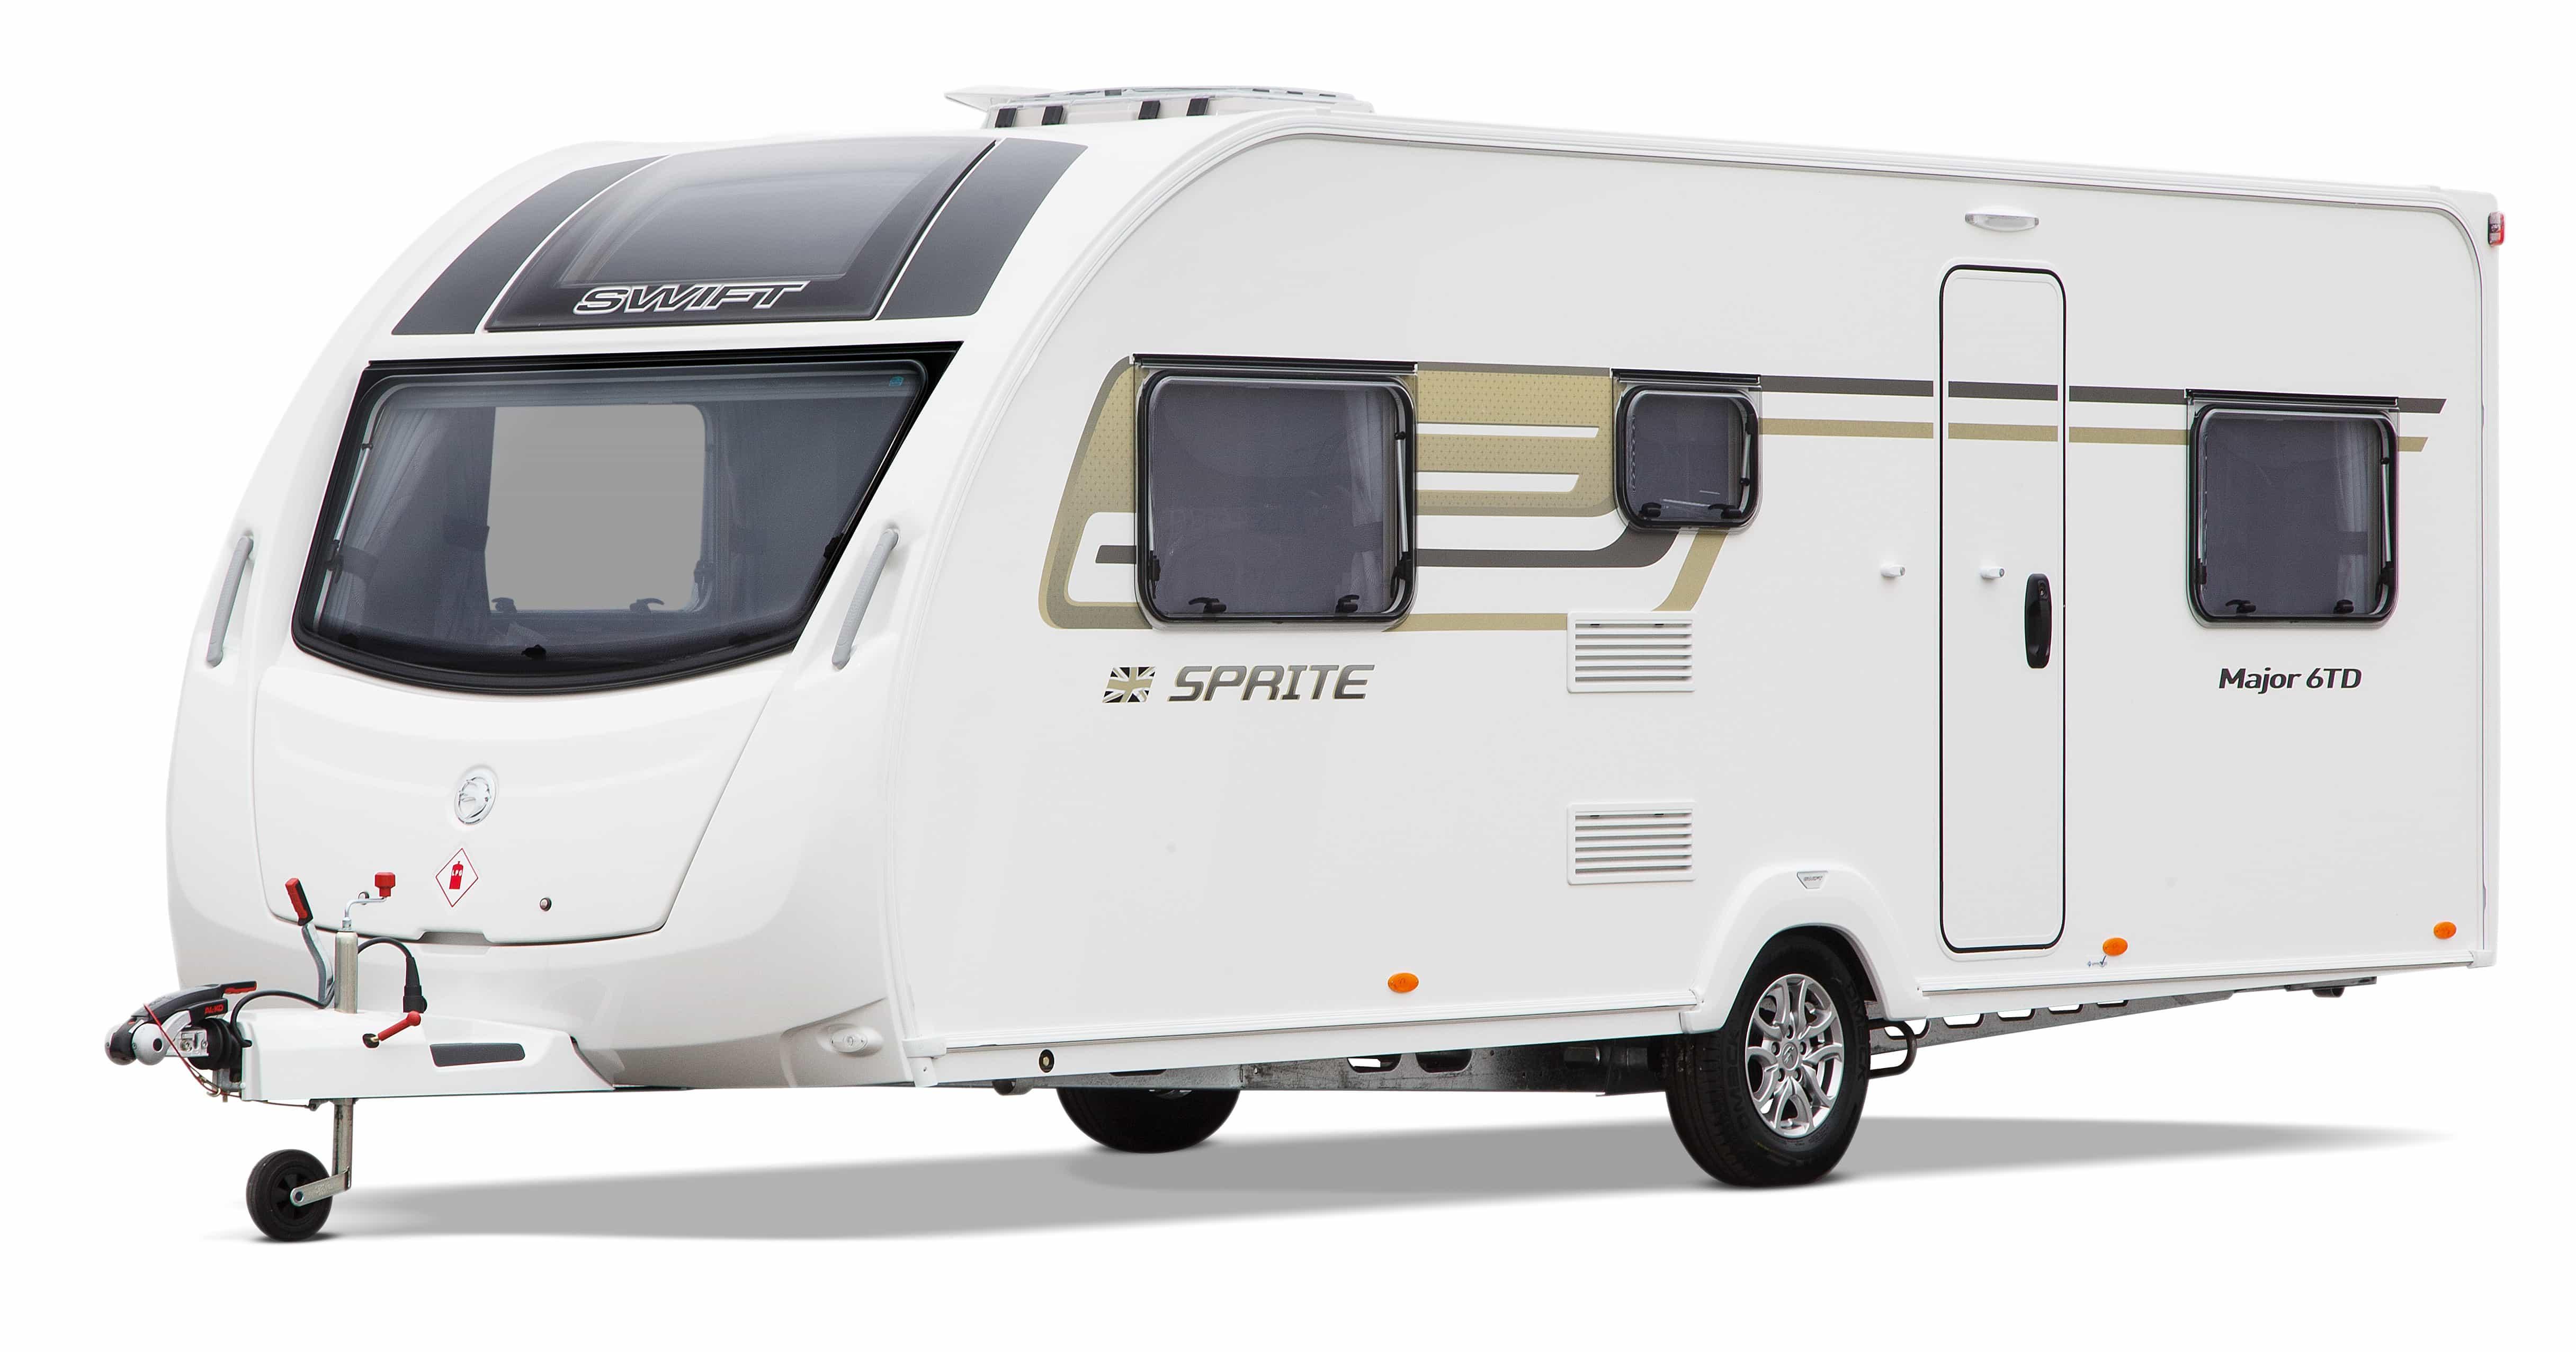 new sprite caravans for sale swindon caravans group. Black Bedroom Furniture Sets. Home Design Ideas